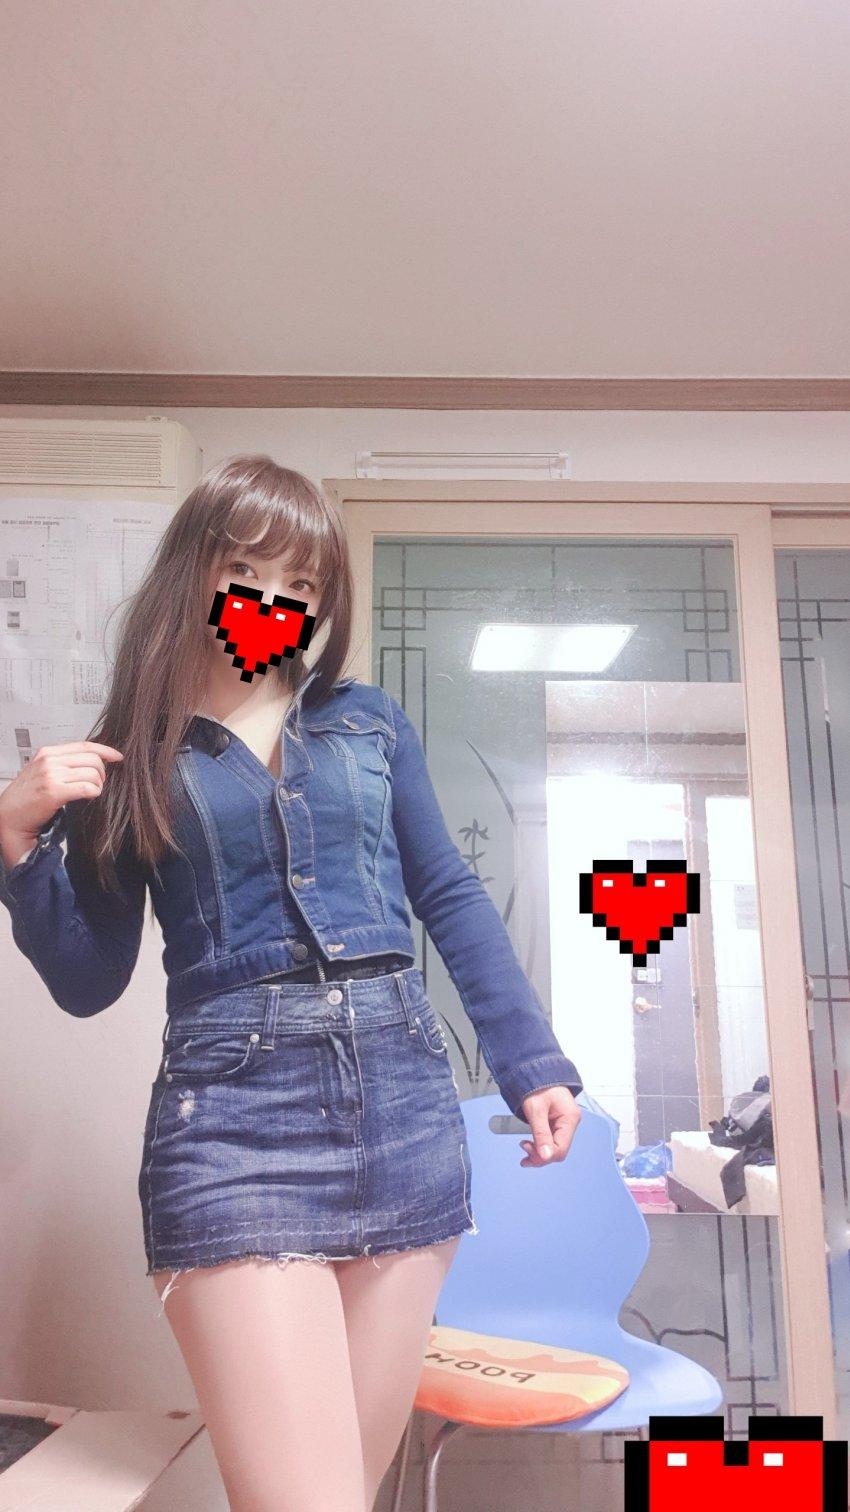 viewimage.php?no=24b0d769e1d32ca73dec81fa11d028314d3faebecfec25ed6aa779bc7a5cf303c0c21697c294f9882f288f4d9ae9b188e7549e6f08873289b9566531c1b74d52f899950041e42b947298